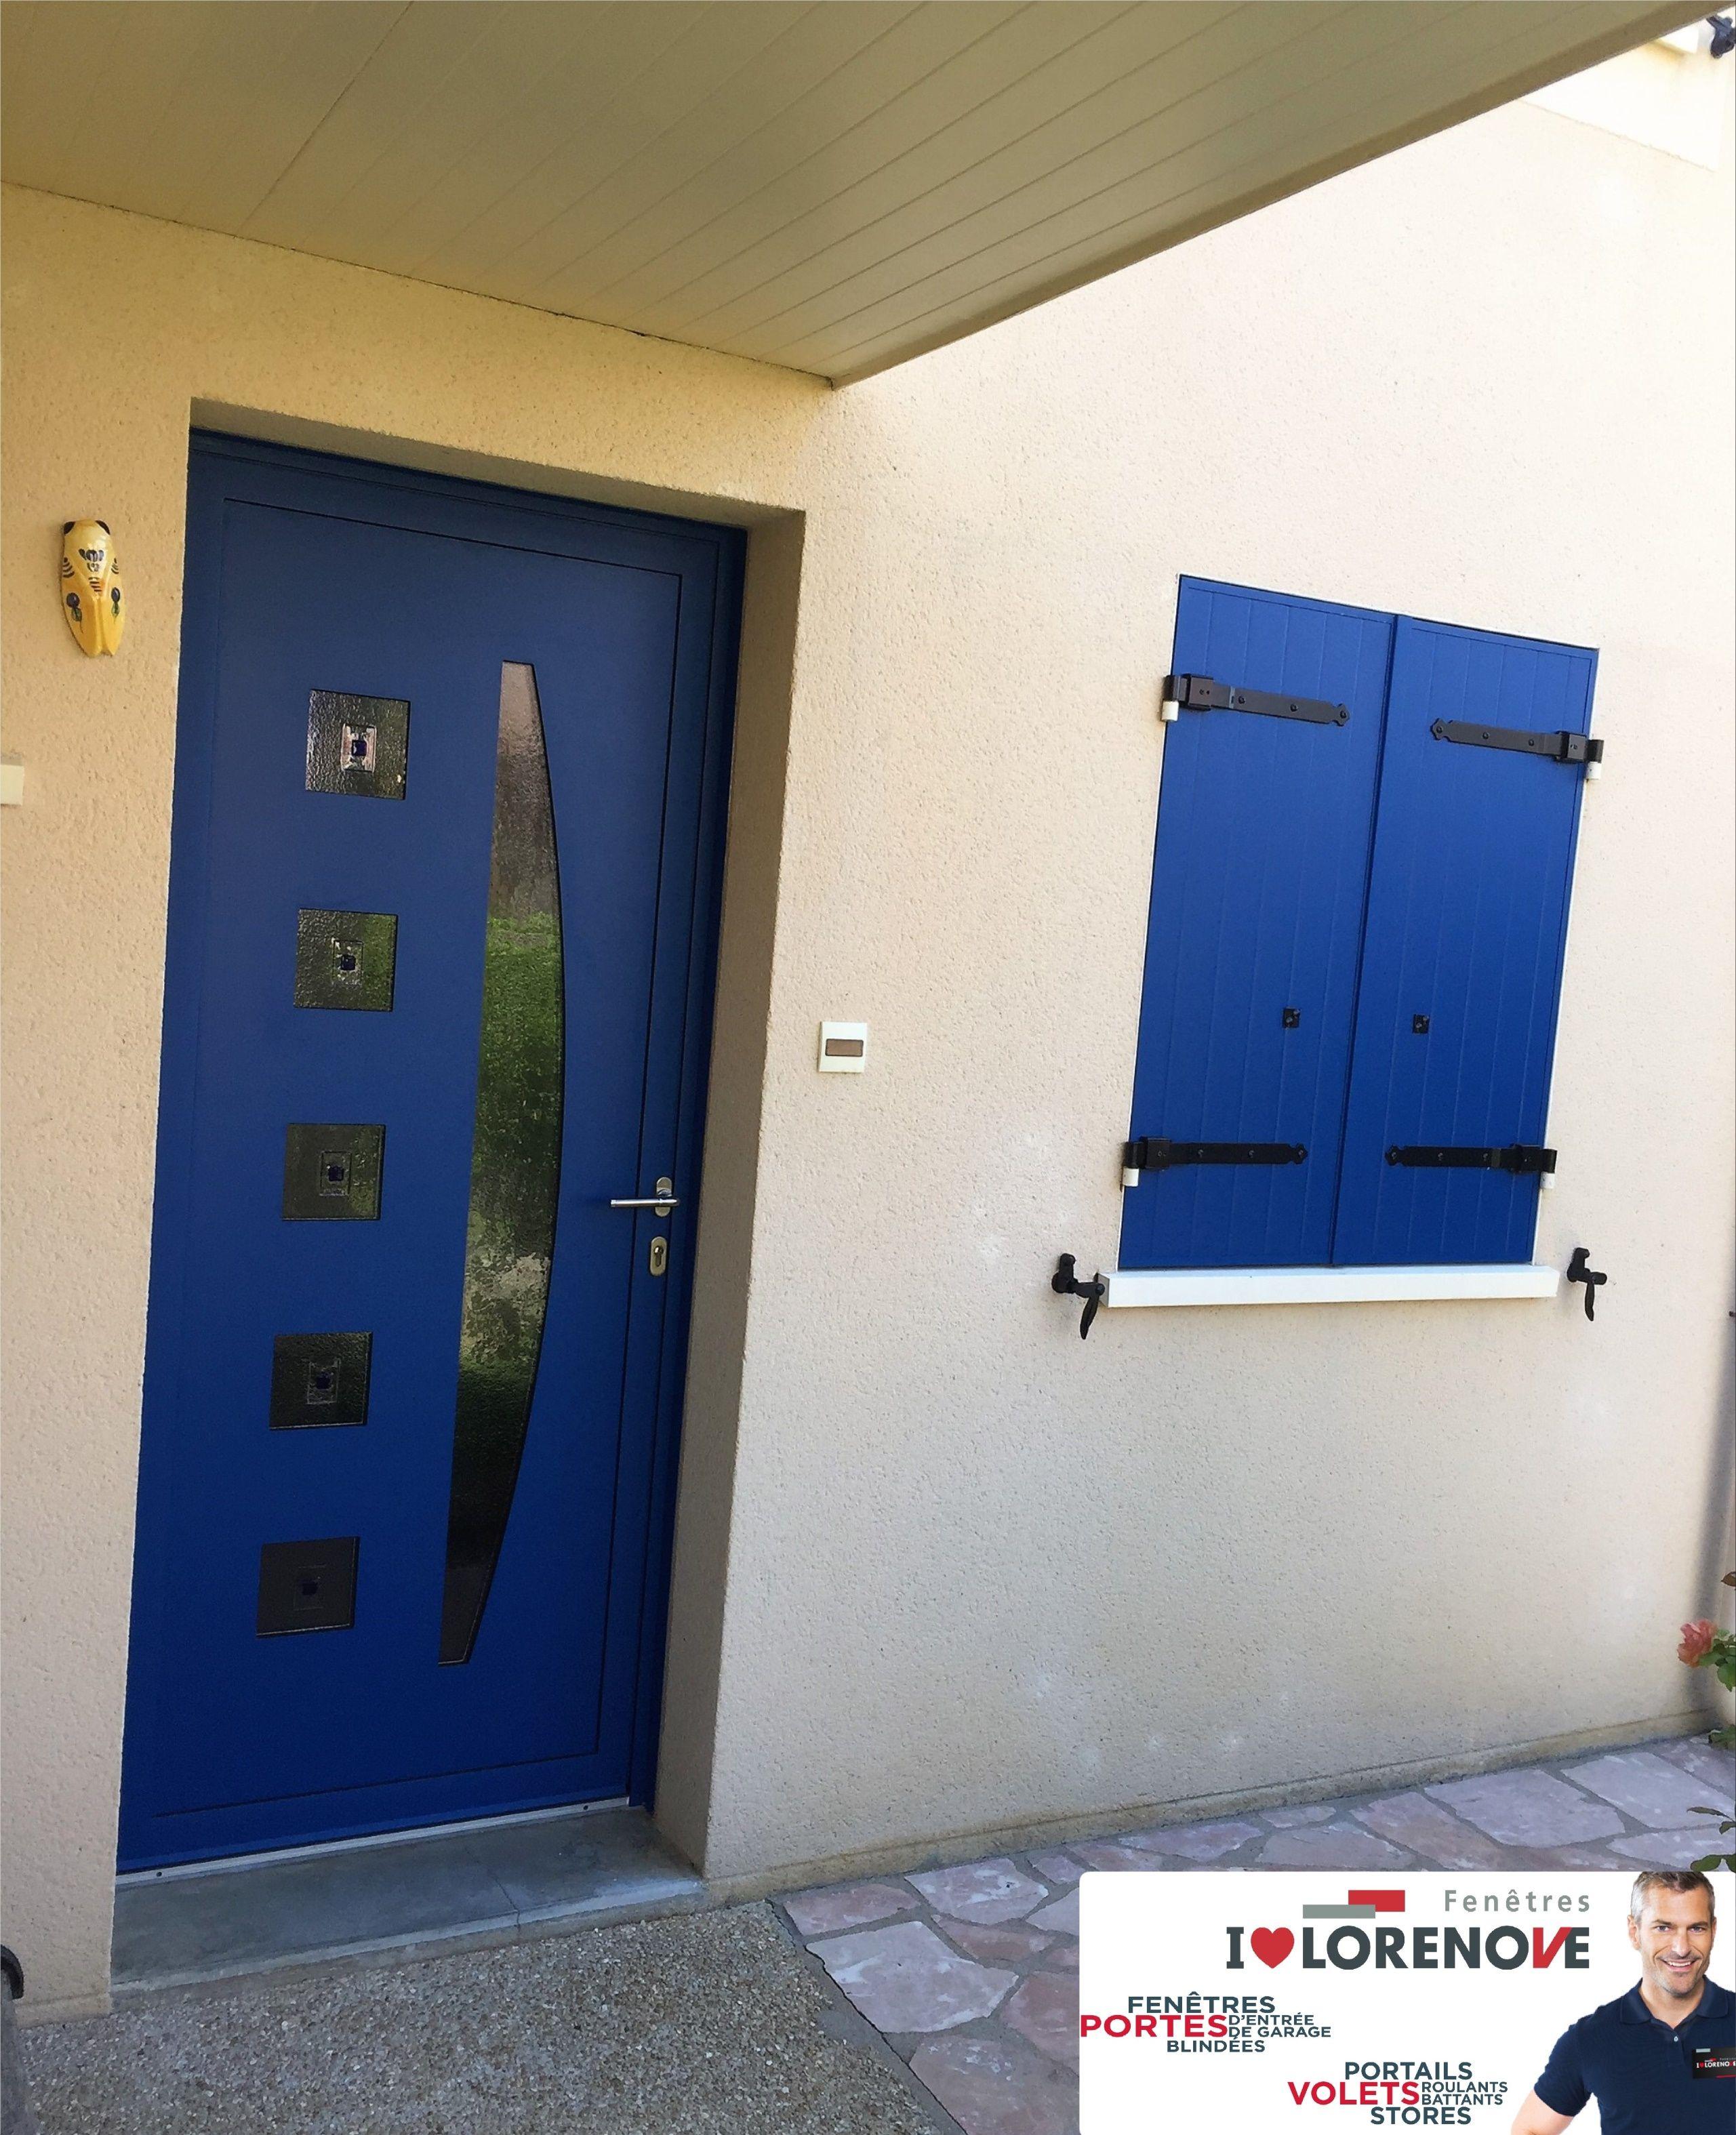 Realisation Porte D Entree Lorenove Modele Decor 2 Et Volets Battants Thiebault Isole Modele Barr Armoire Rangement Porte Placard Porte Placard Persienne